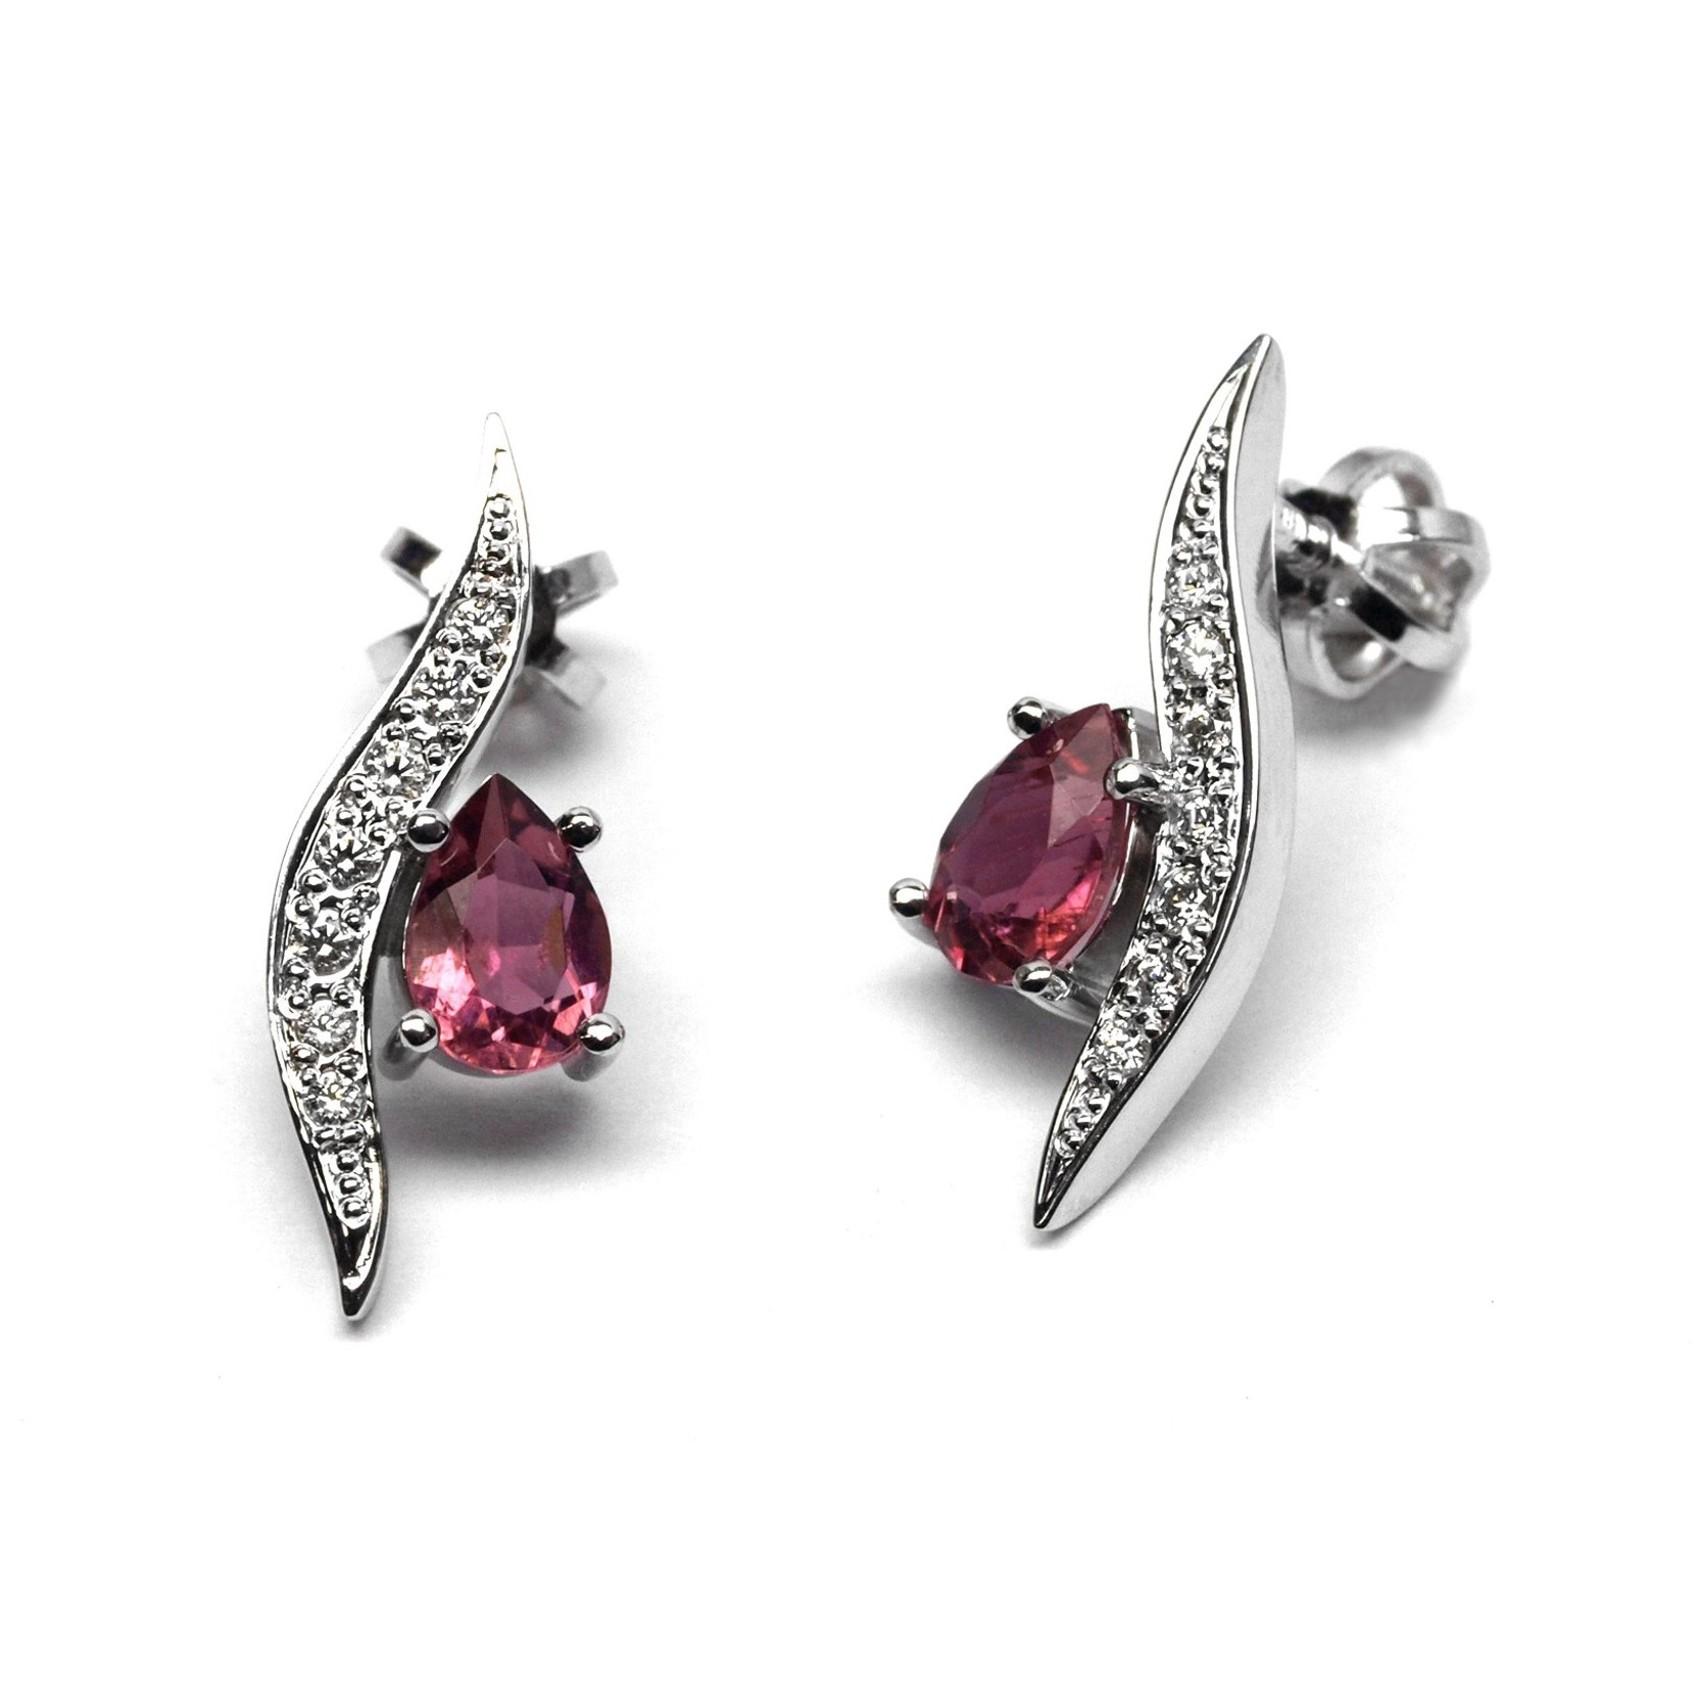 Luxusní náušnice s růžovými turmalíny a diamanty J-28155-17 na šroubek (J-28155-17 - POŠTOVNÉ ZDARMA!!)